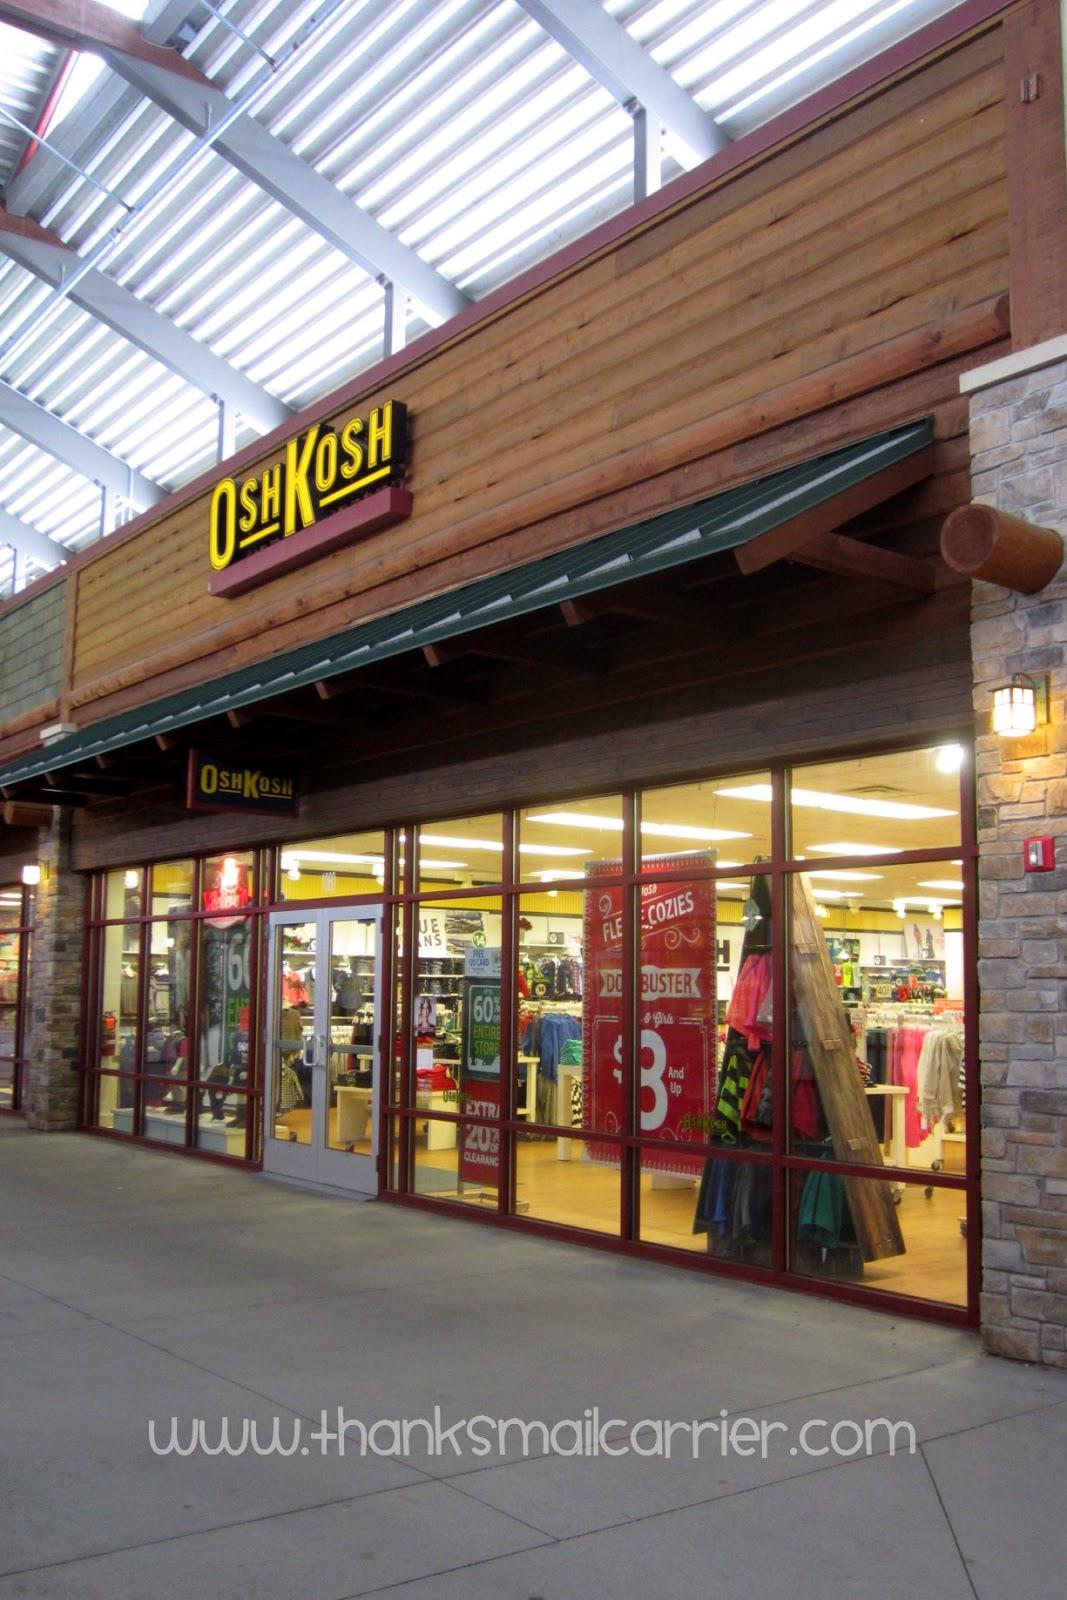 OshKosh stores